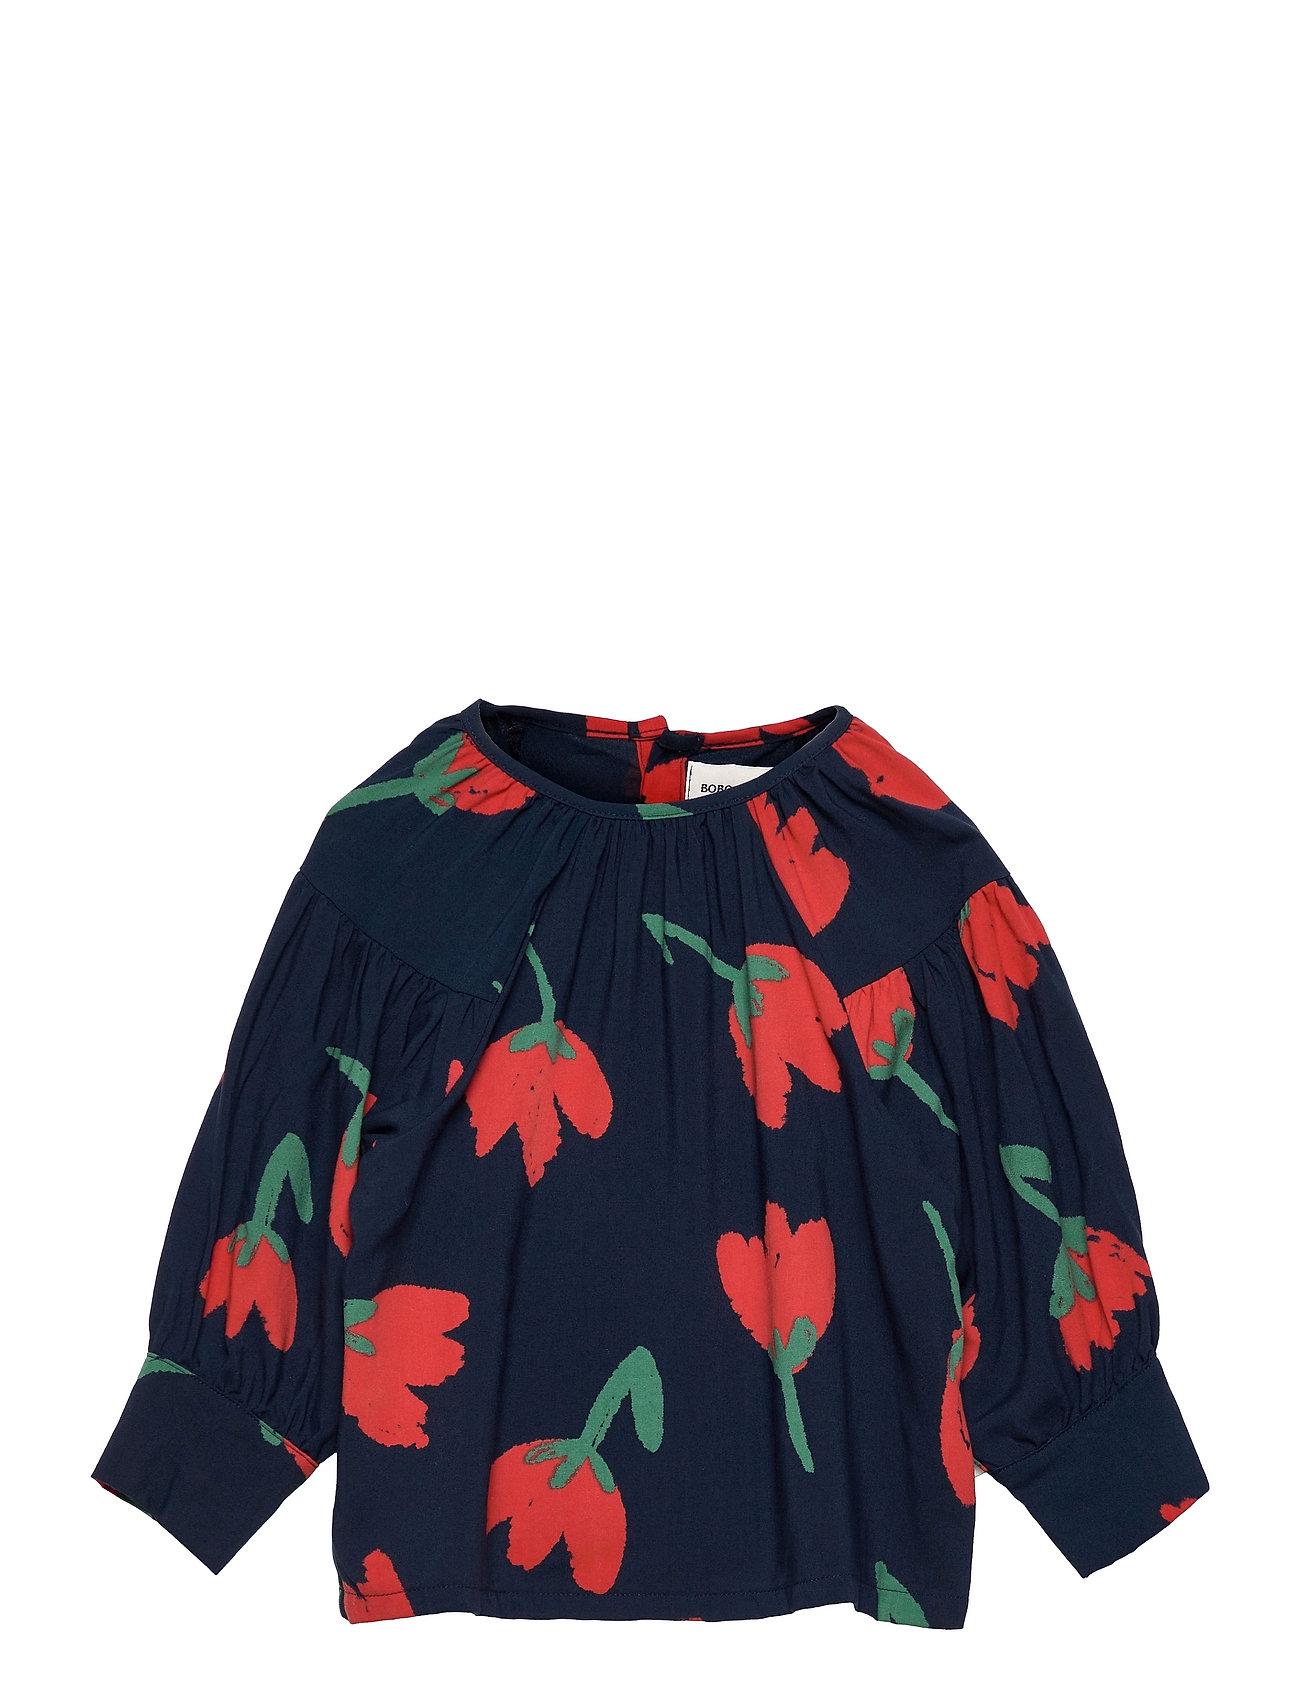 Big Flowers Woven Blouse Bluse Tunika Multi/mønstret Bobo Choses